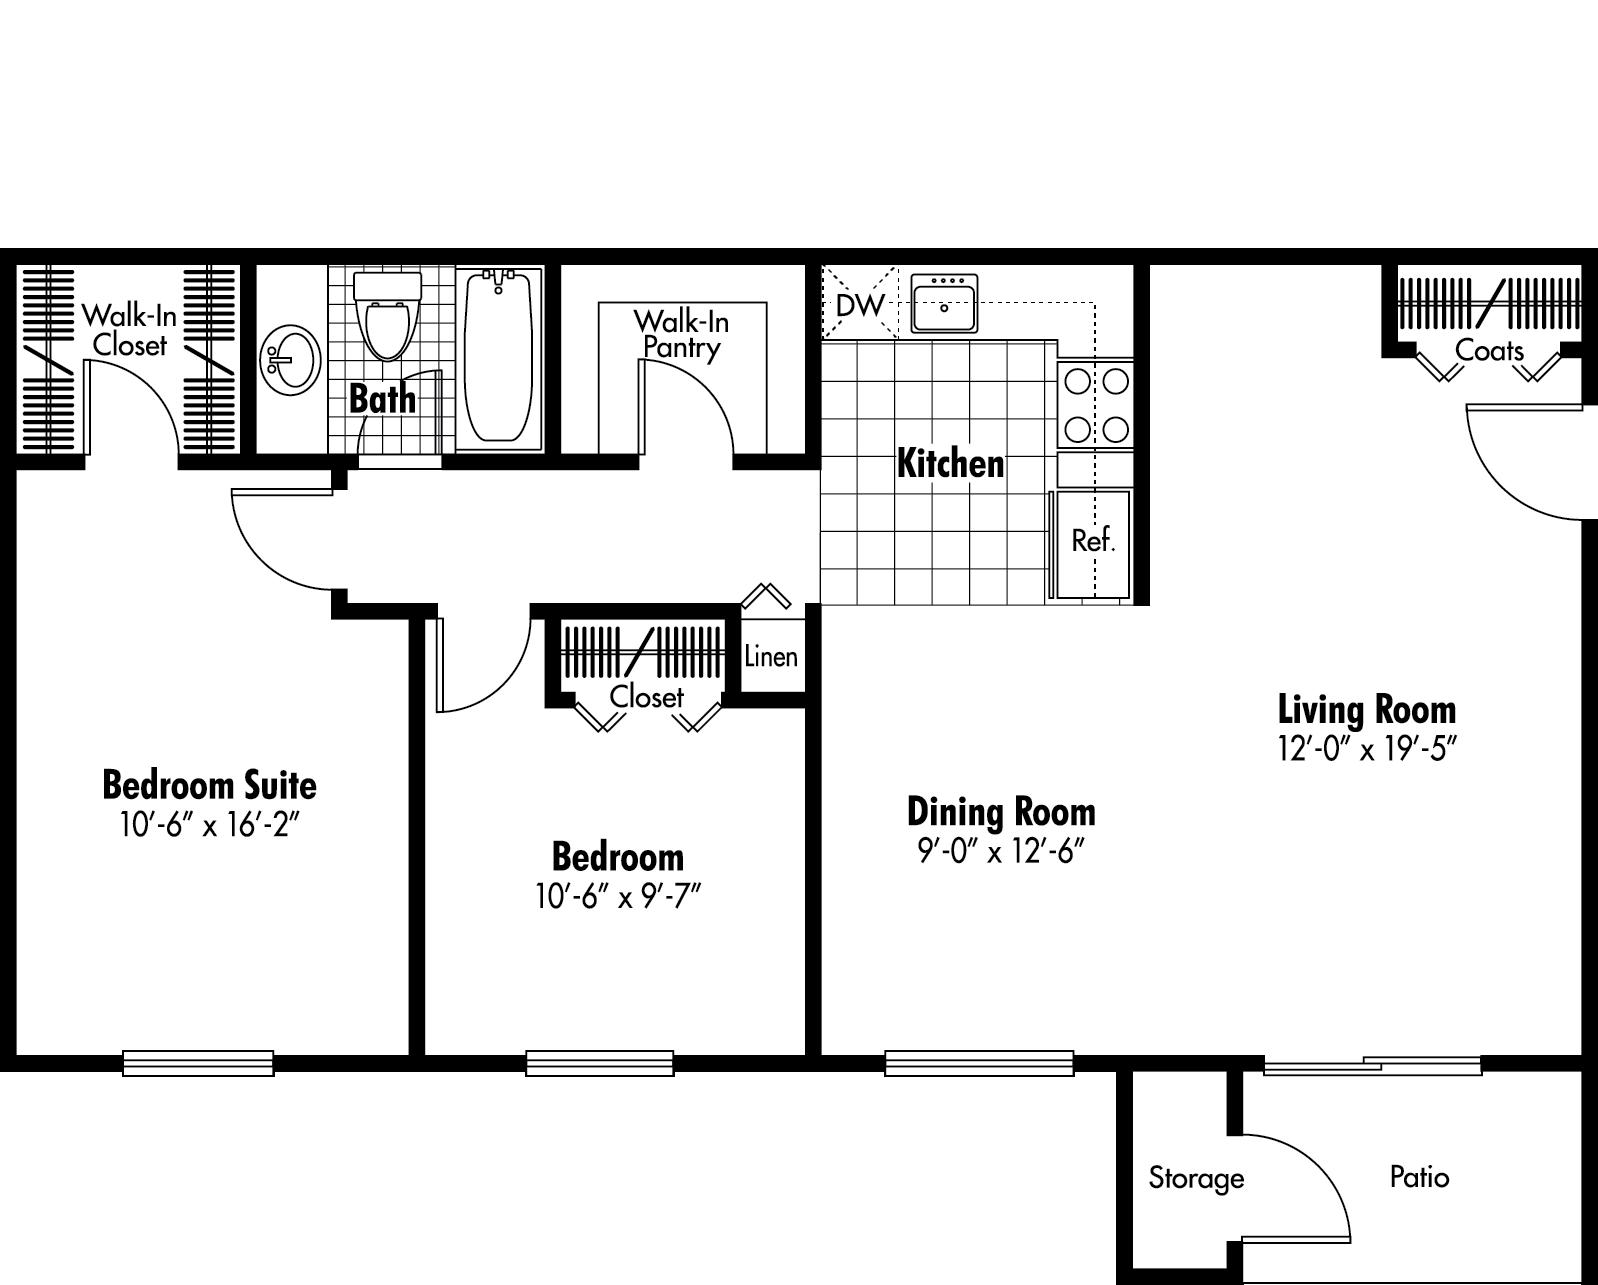 2 Bed / 1 Bath Apartment In Oxford MI